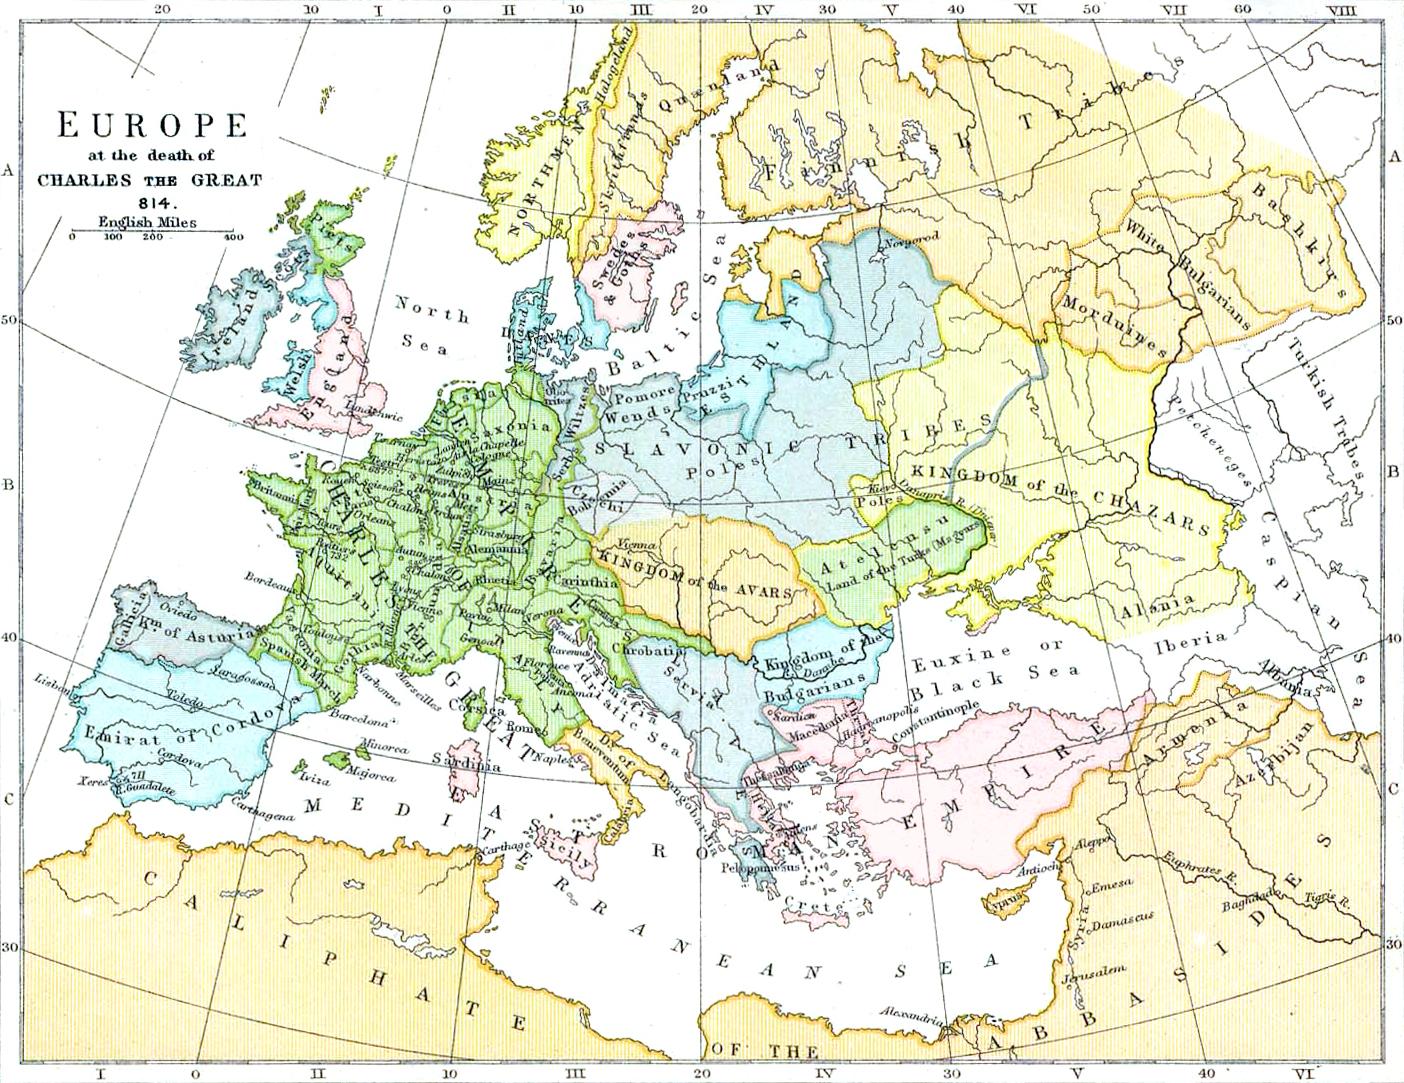 auto karta evrope na srpskom Komentari na članak: Dodik: Održat ćemo nekoliko referenduma u RS  auto karta evrope na srpskom